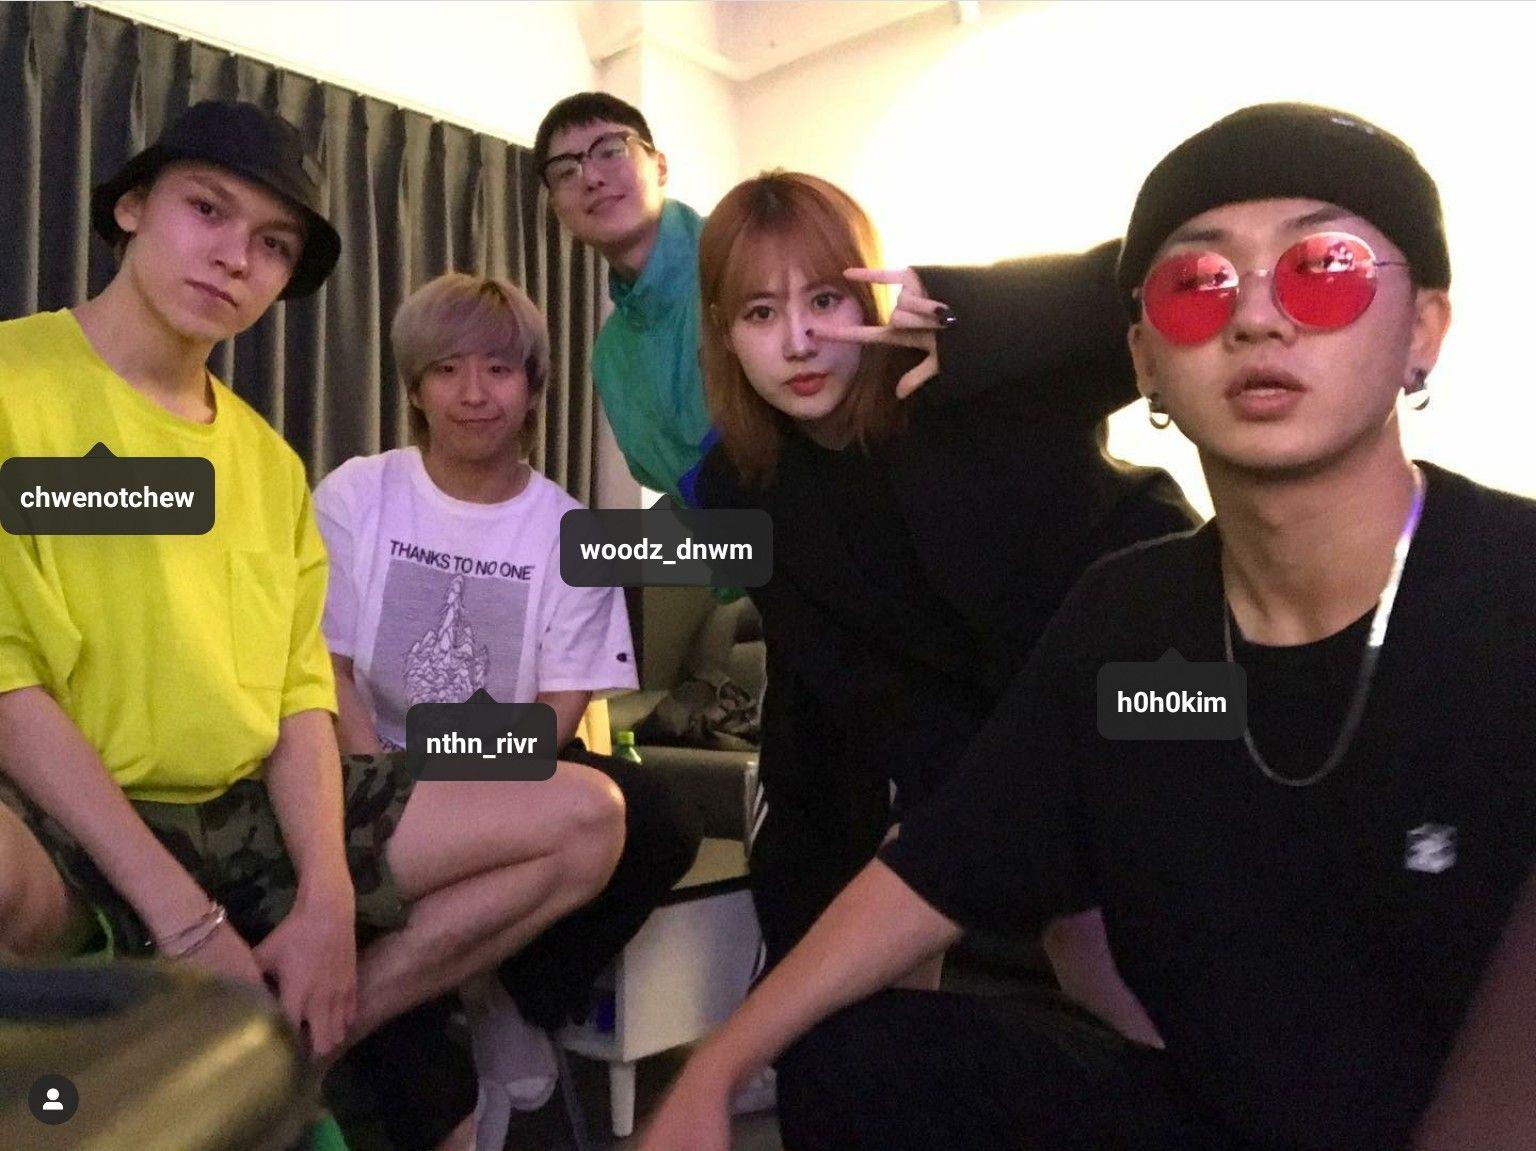 Park jimin felicite seungyoun 😍by Mola